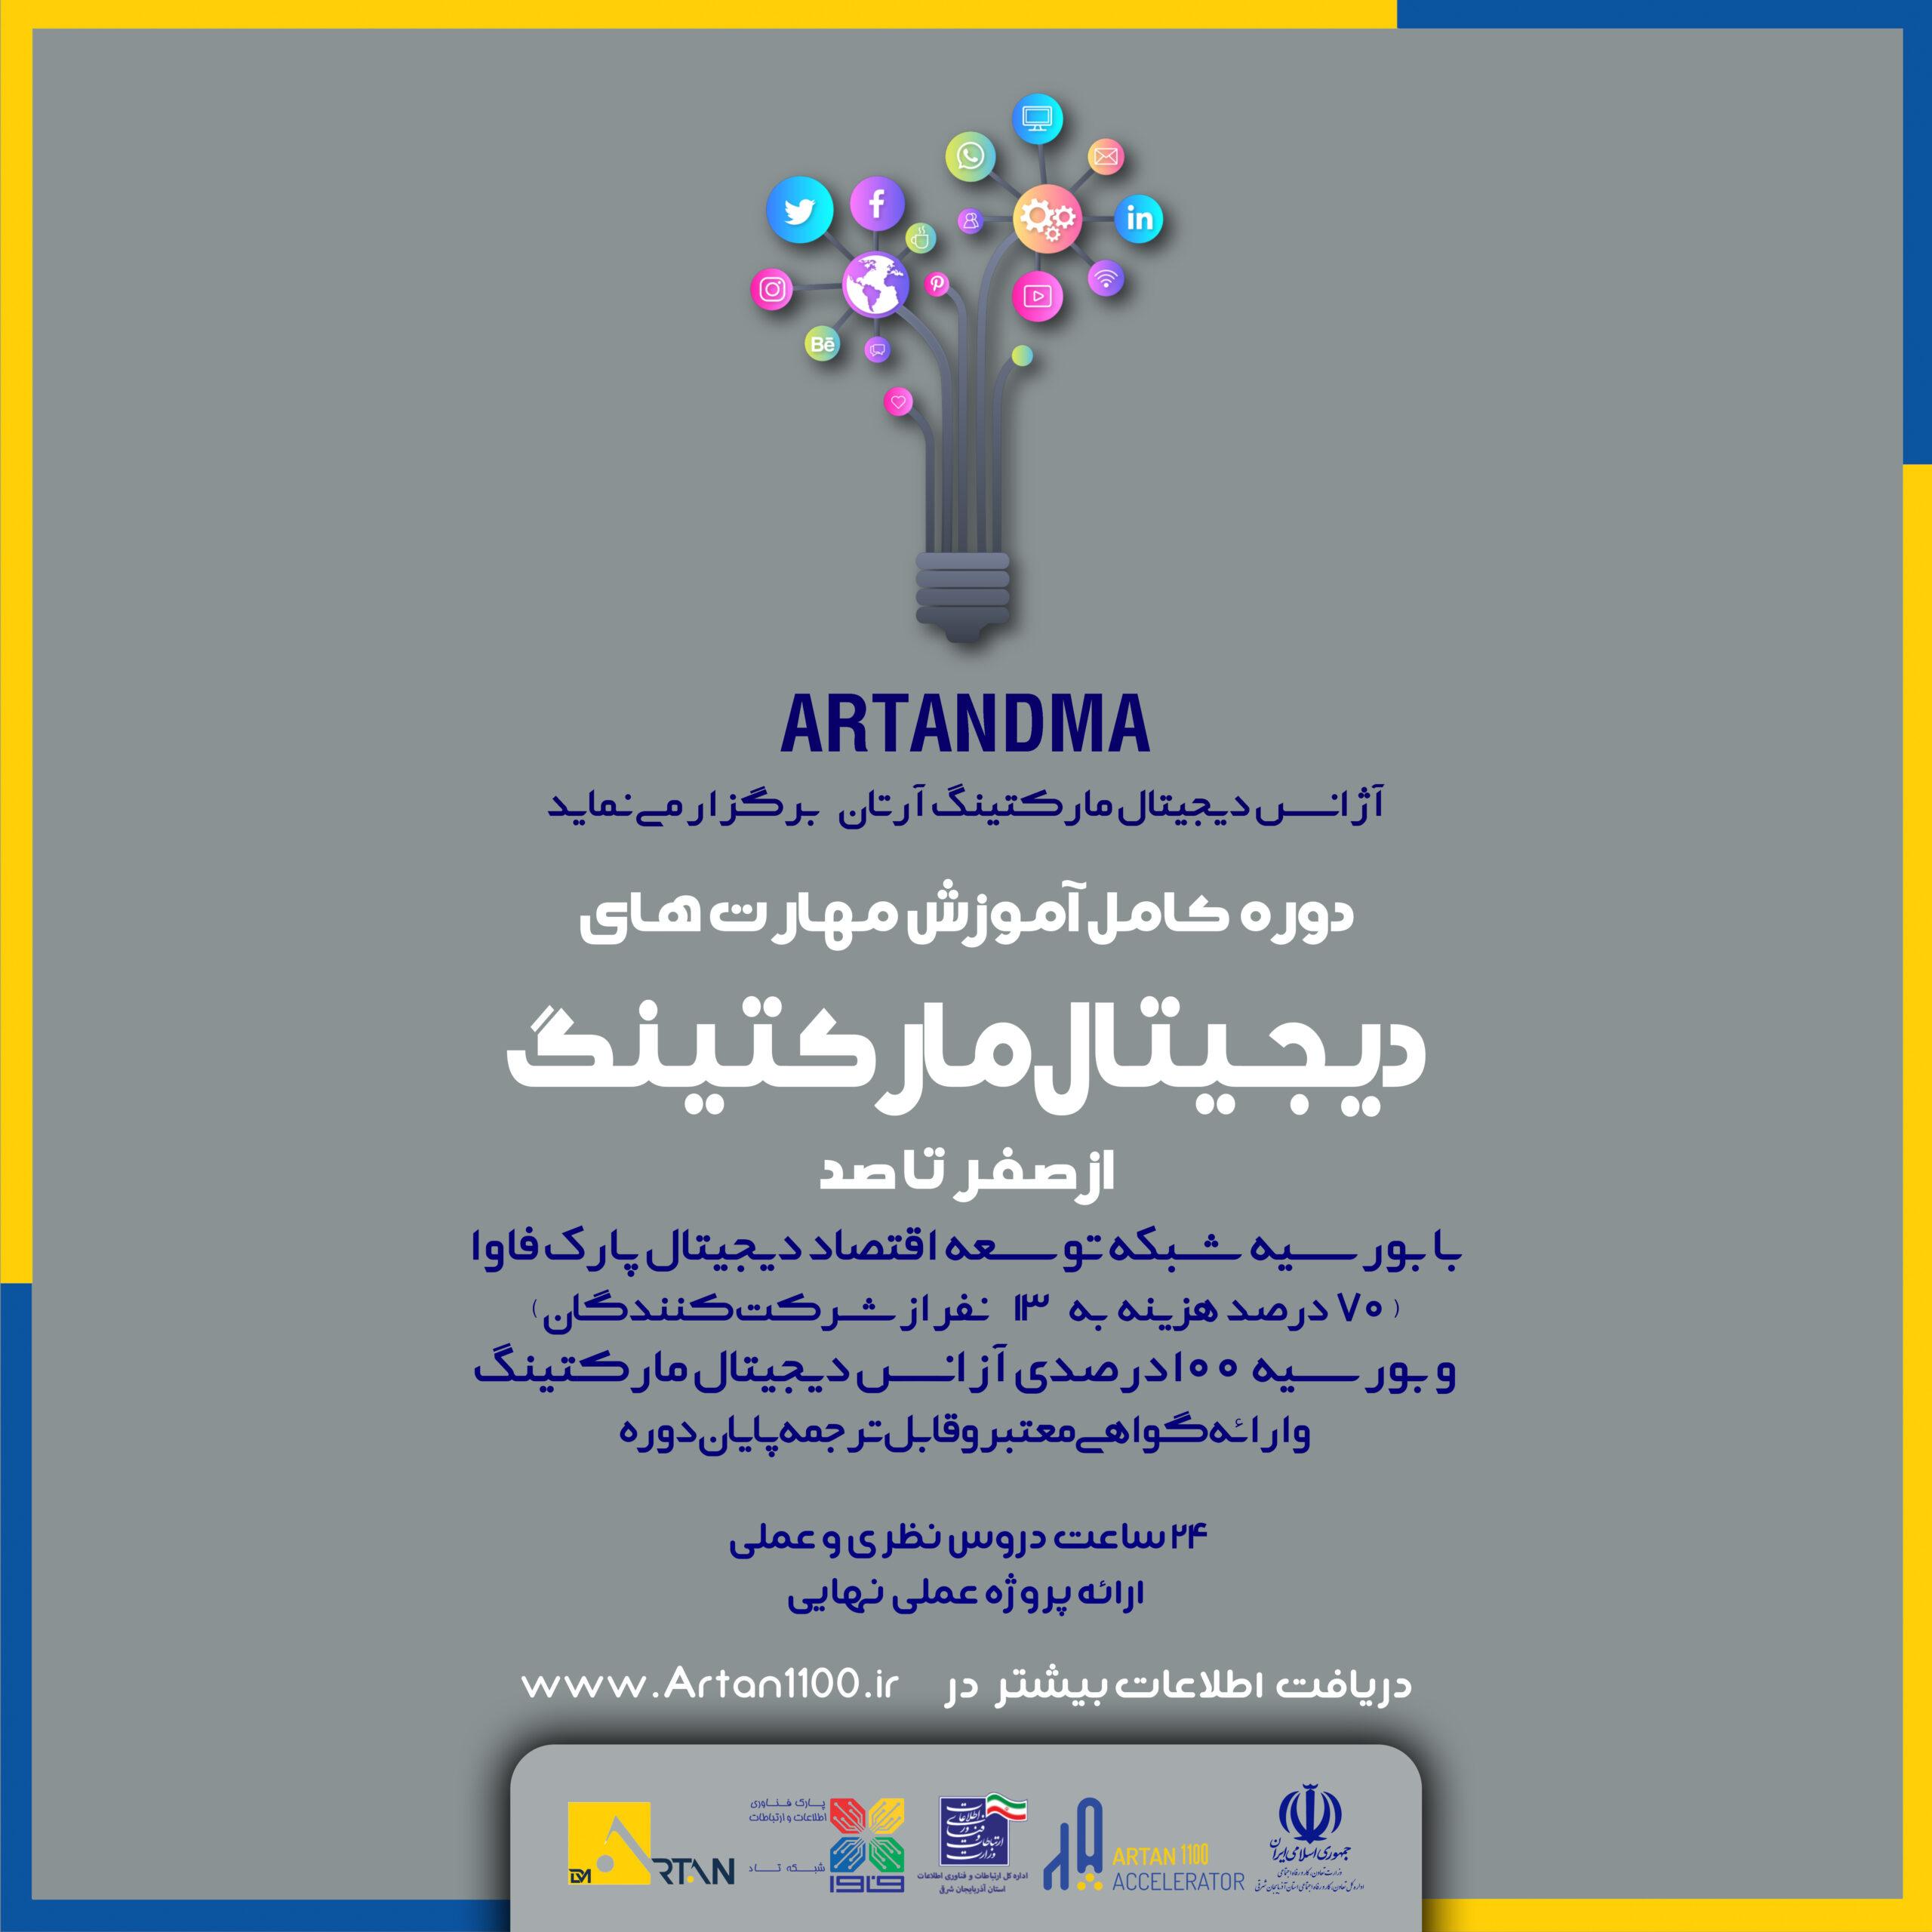 رقابت در اخذ گرنت های دوره دیجیتال مارکتینگ  با بورسیه پارک فاوا و آژانس دیجیتال مارکتینگ آرتان